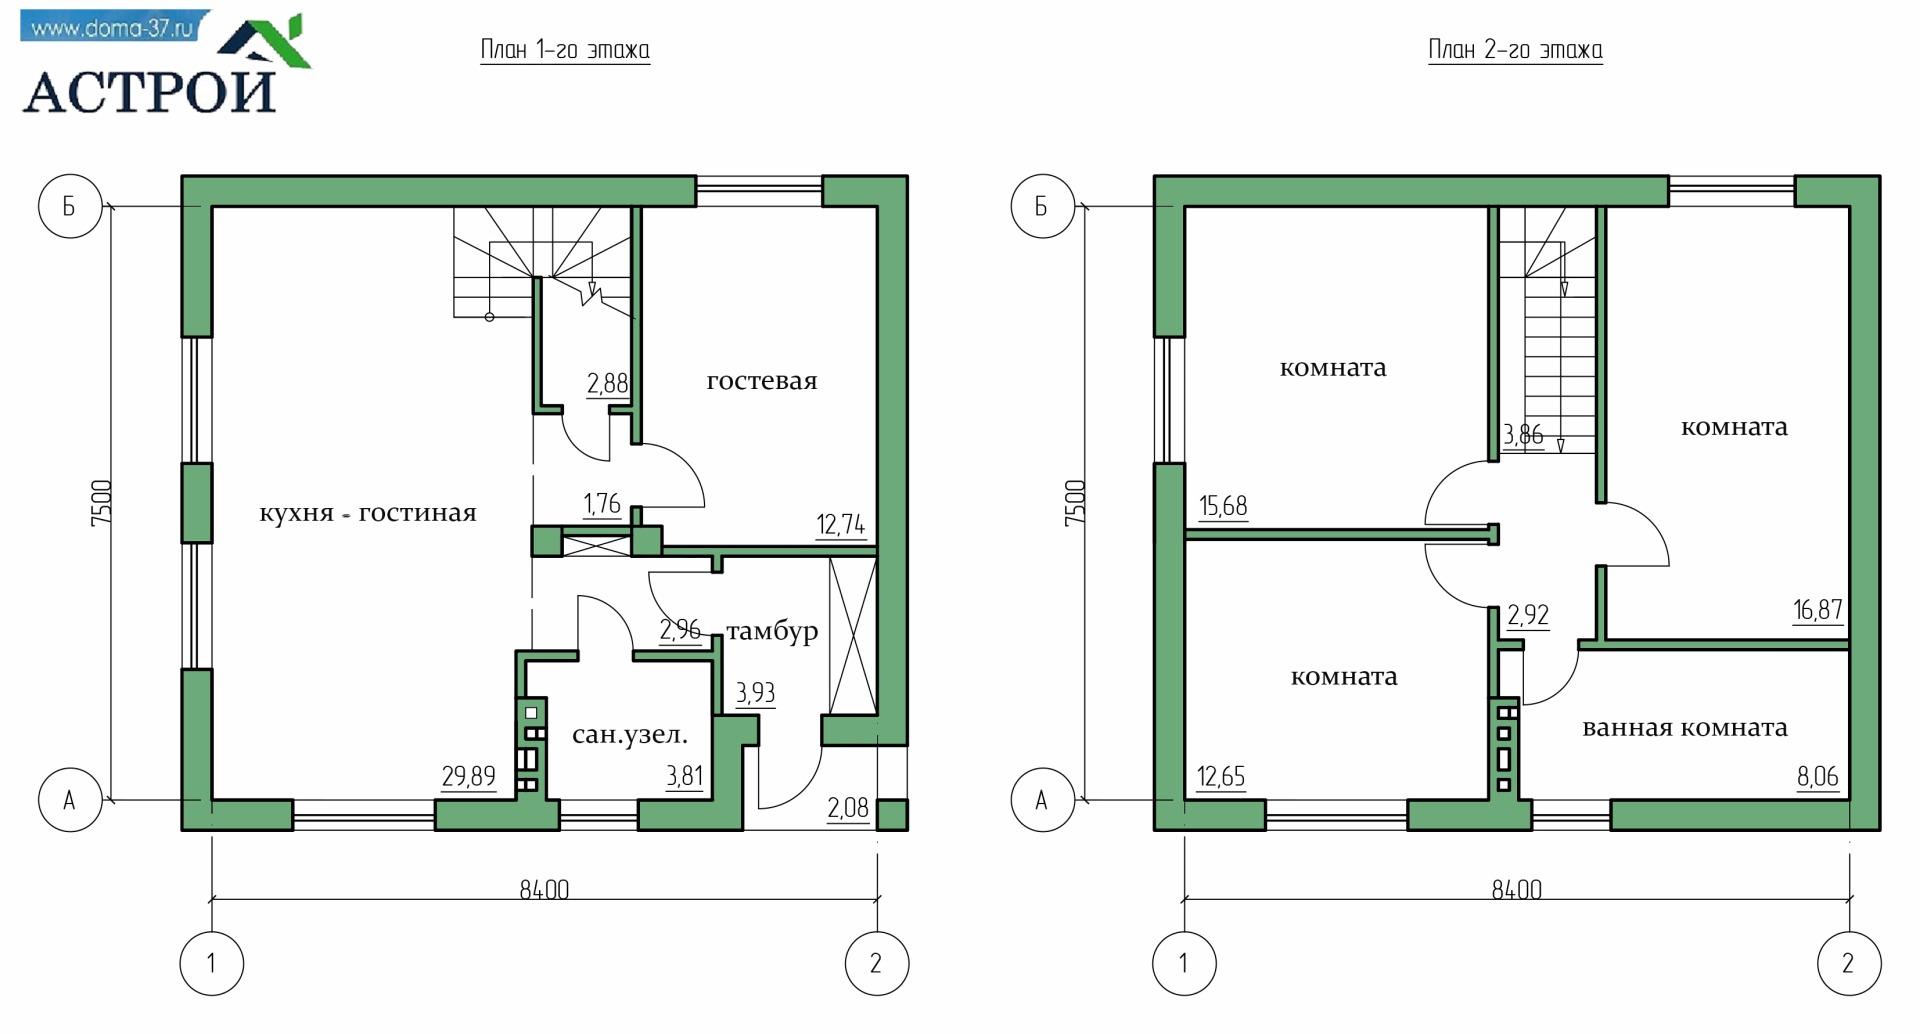 строительство дома под ключ проекты цены домов в Иваново